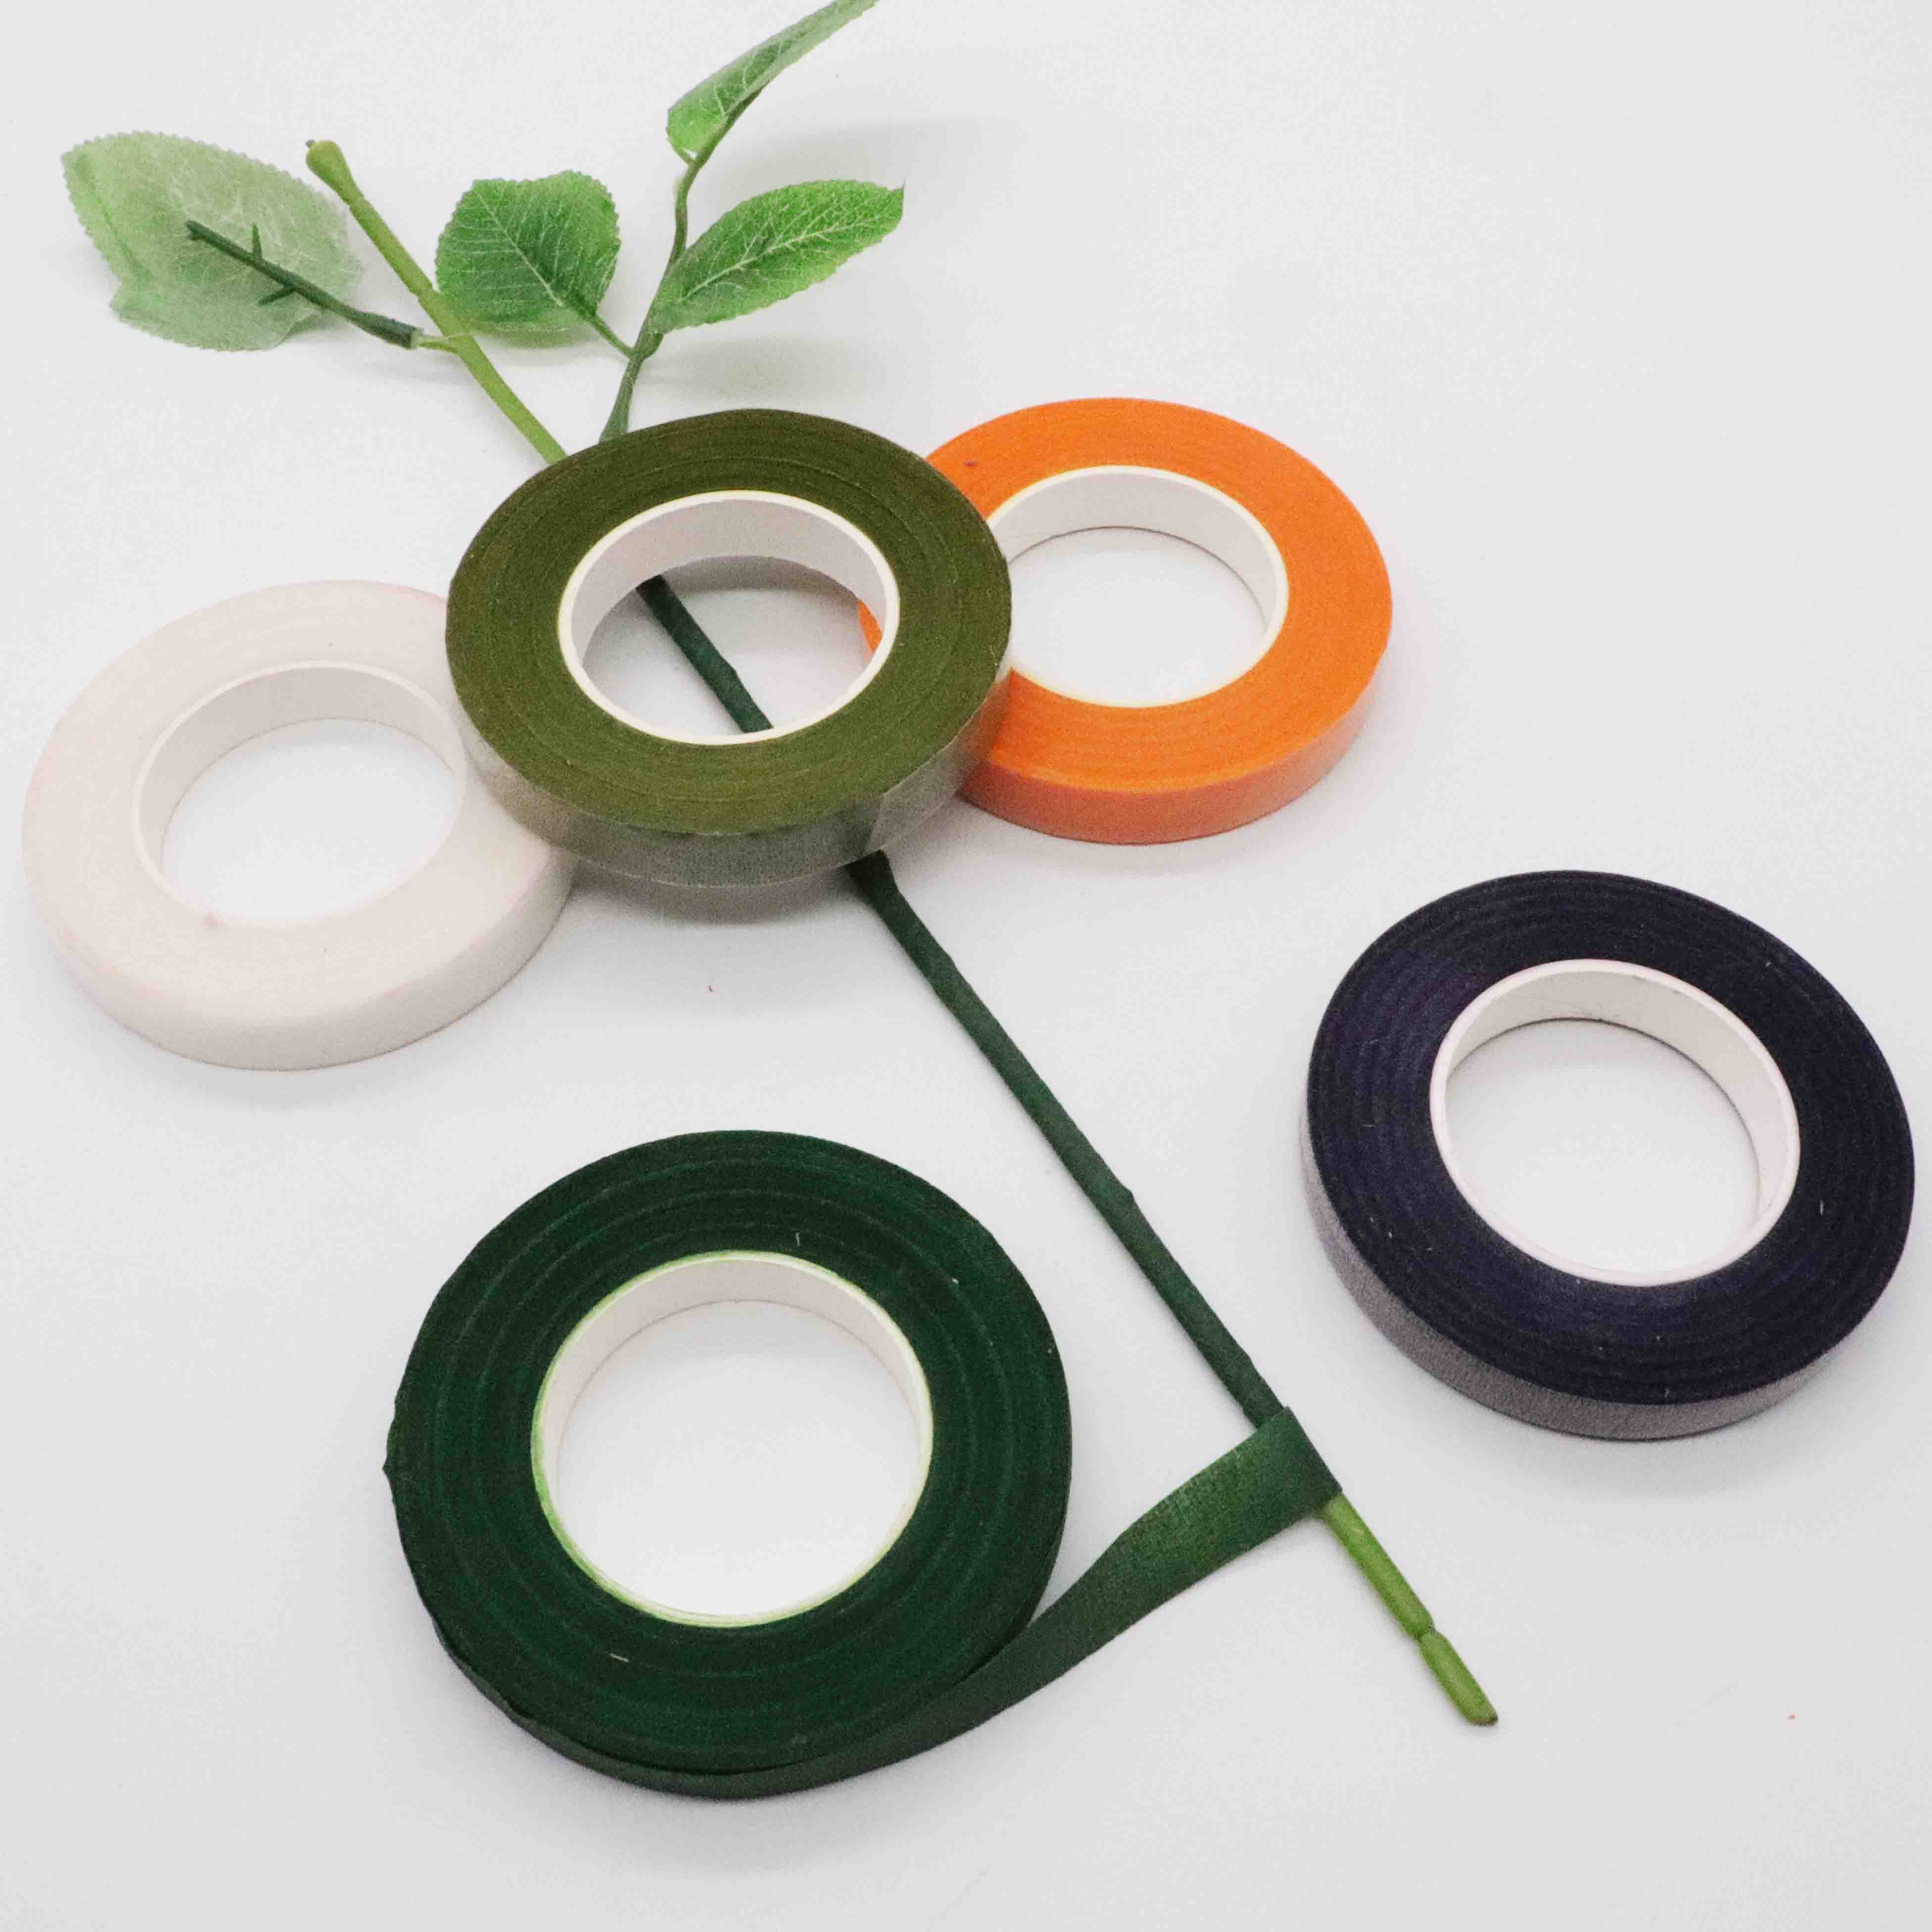 Цветочные зеленые ленты 12 мм * 45 м/рулон, корсажная лента, петли для пуговиц, искусственные тычинки для цветов, Зеленая эластичная лента для ф...